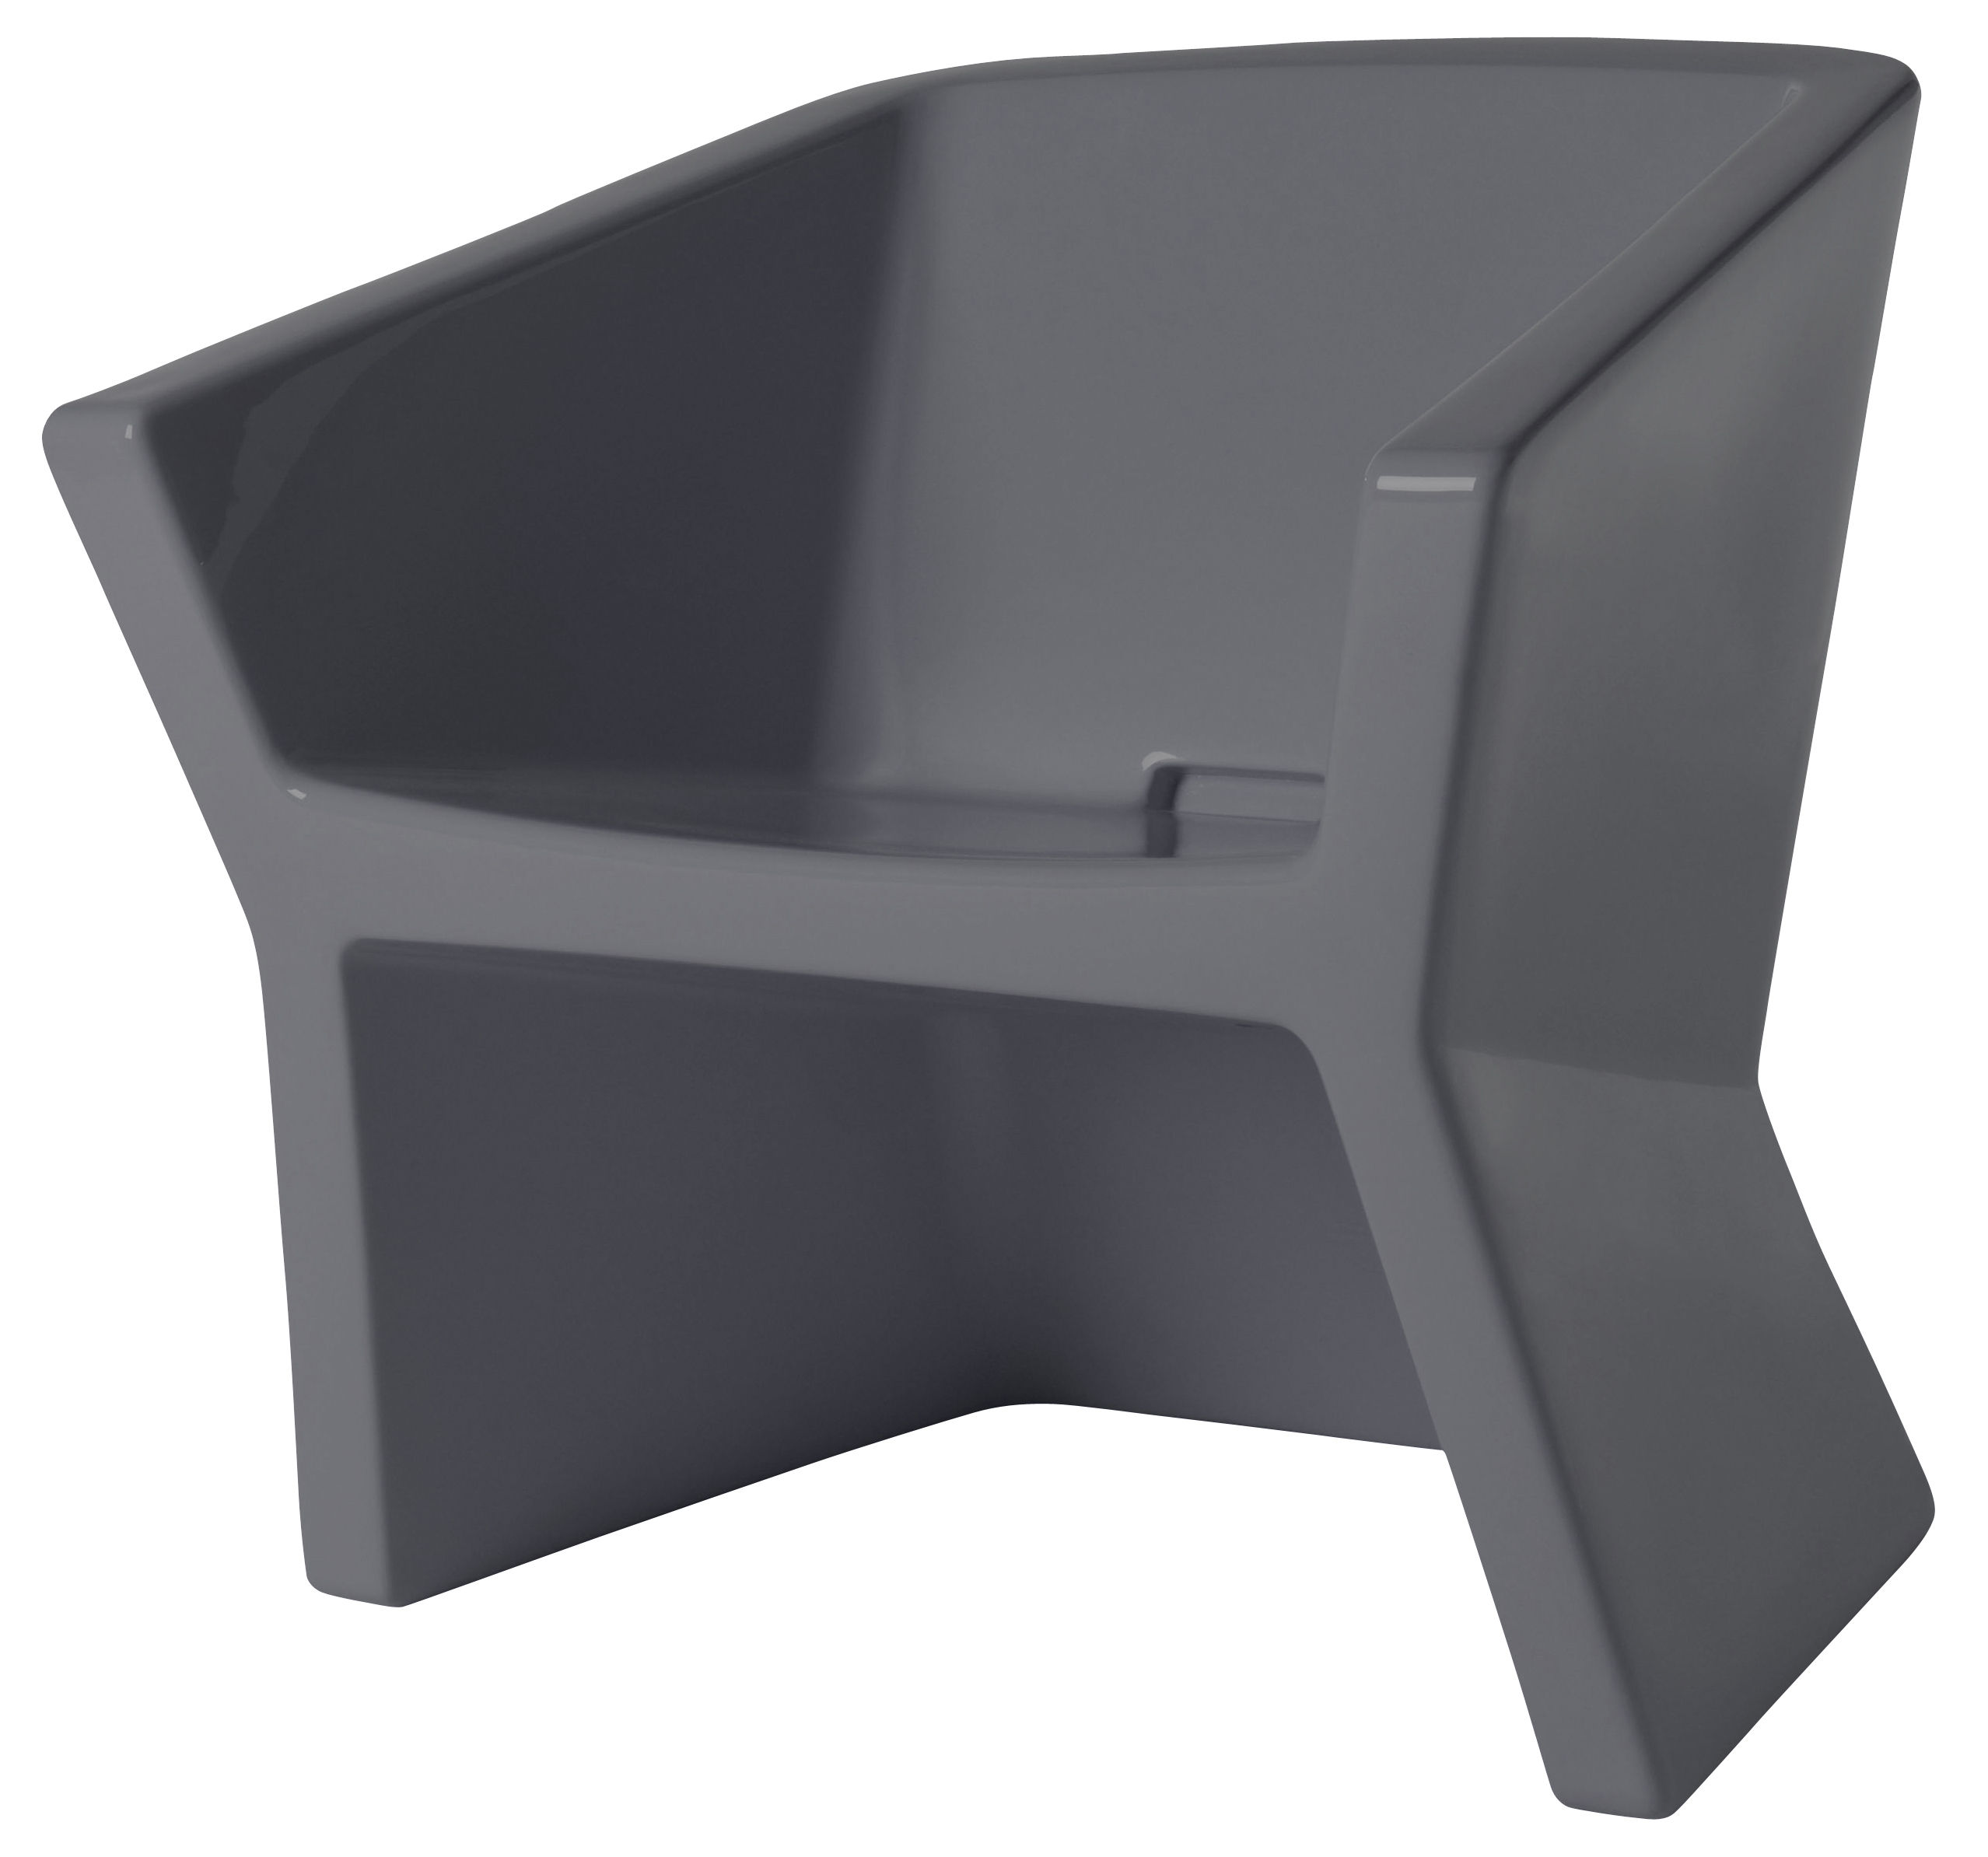 Mobilier - Chaises, fauteuils de salle à manger - Fauteuil Exofa / Plastique - Slide - Gris anthracite - Polyéthylène